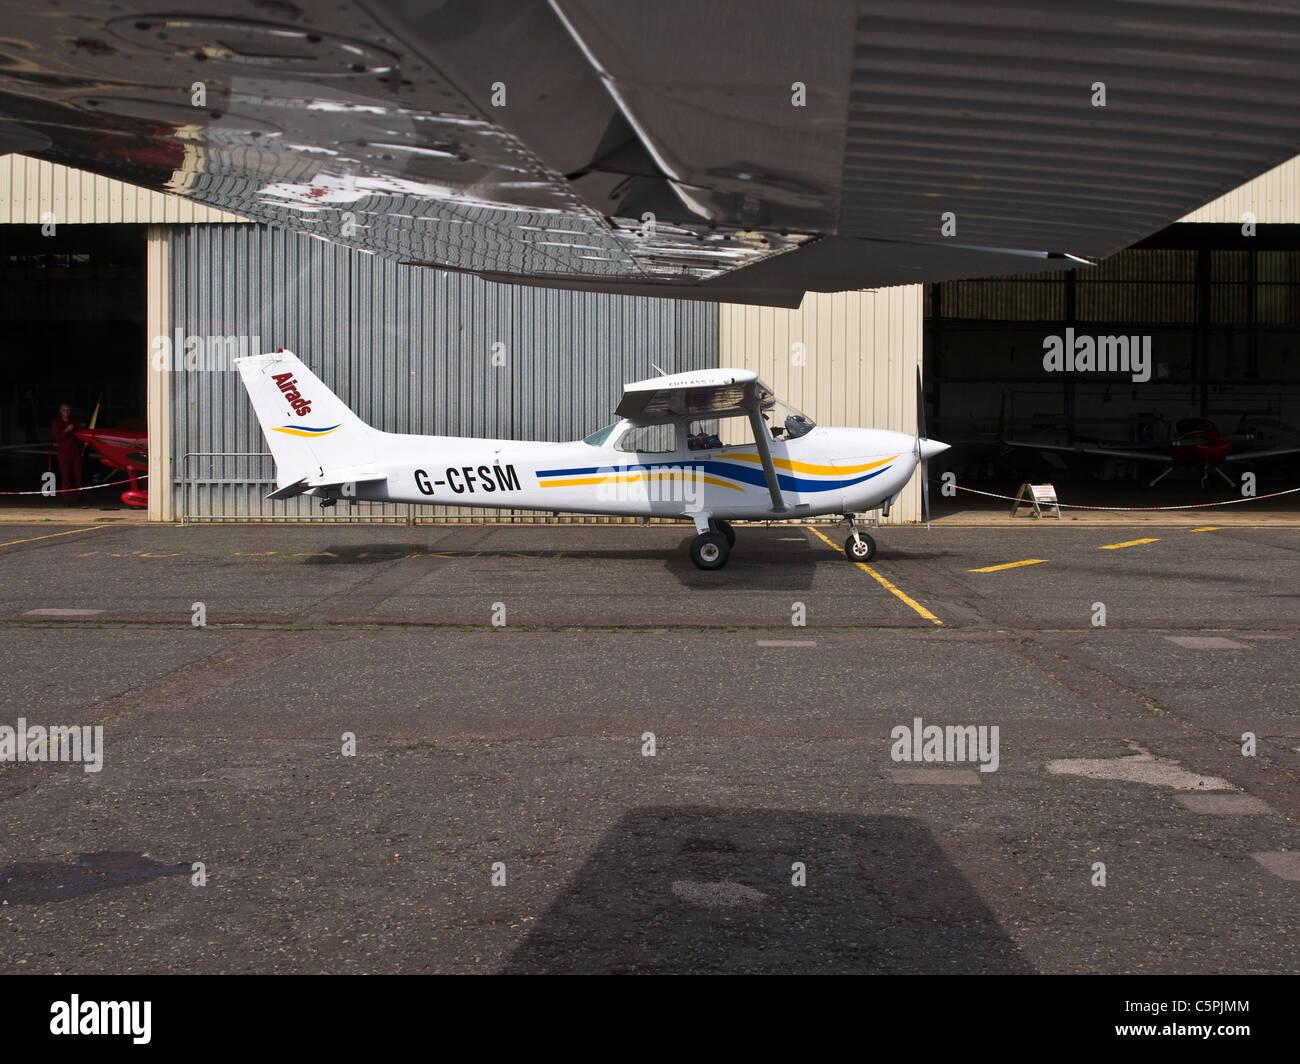 Cutlass 11 light aircraft - Stock Image